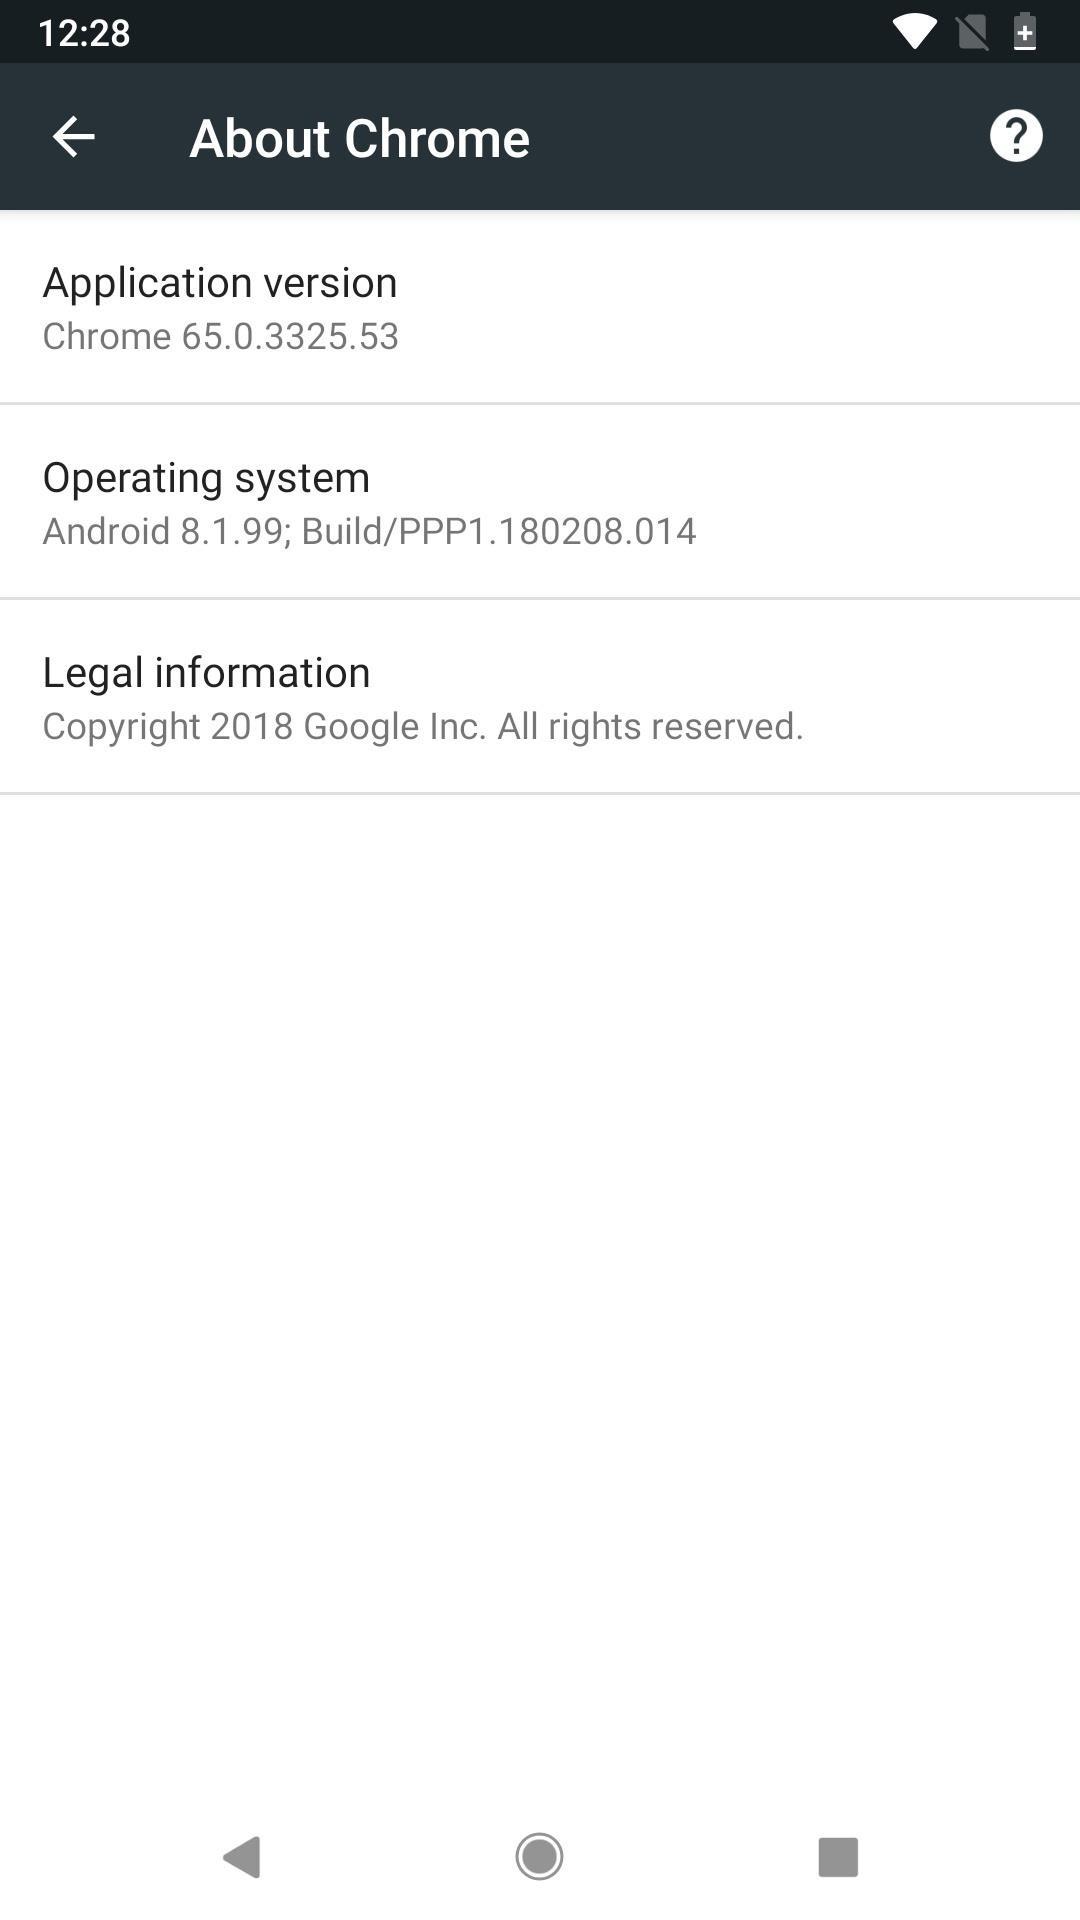 كيفية نقل شريط عناوين Chrome إلى الجزء السفلي من الشاشة على Android